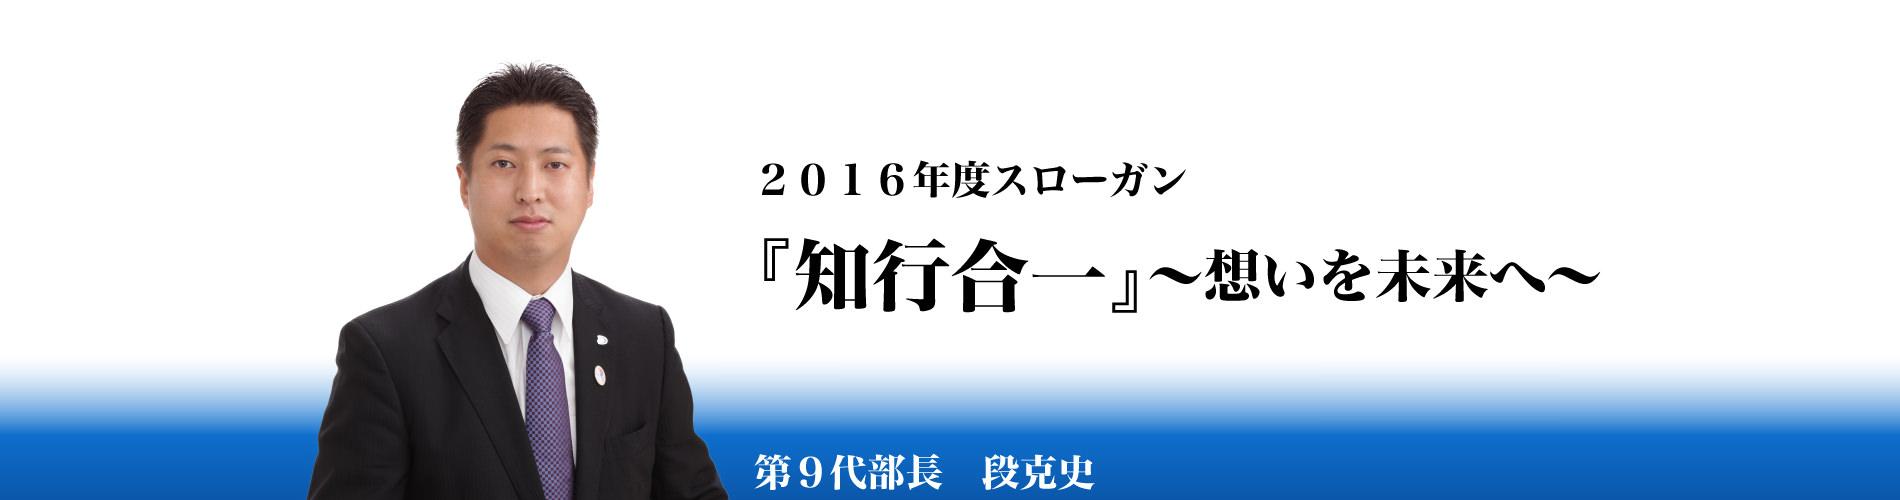 2016年度スローガン「知行合一 ~想いを未来へ~」